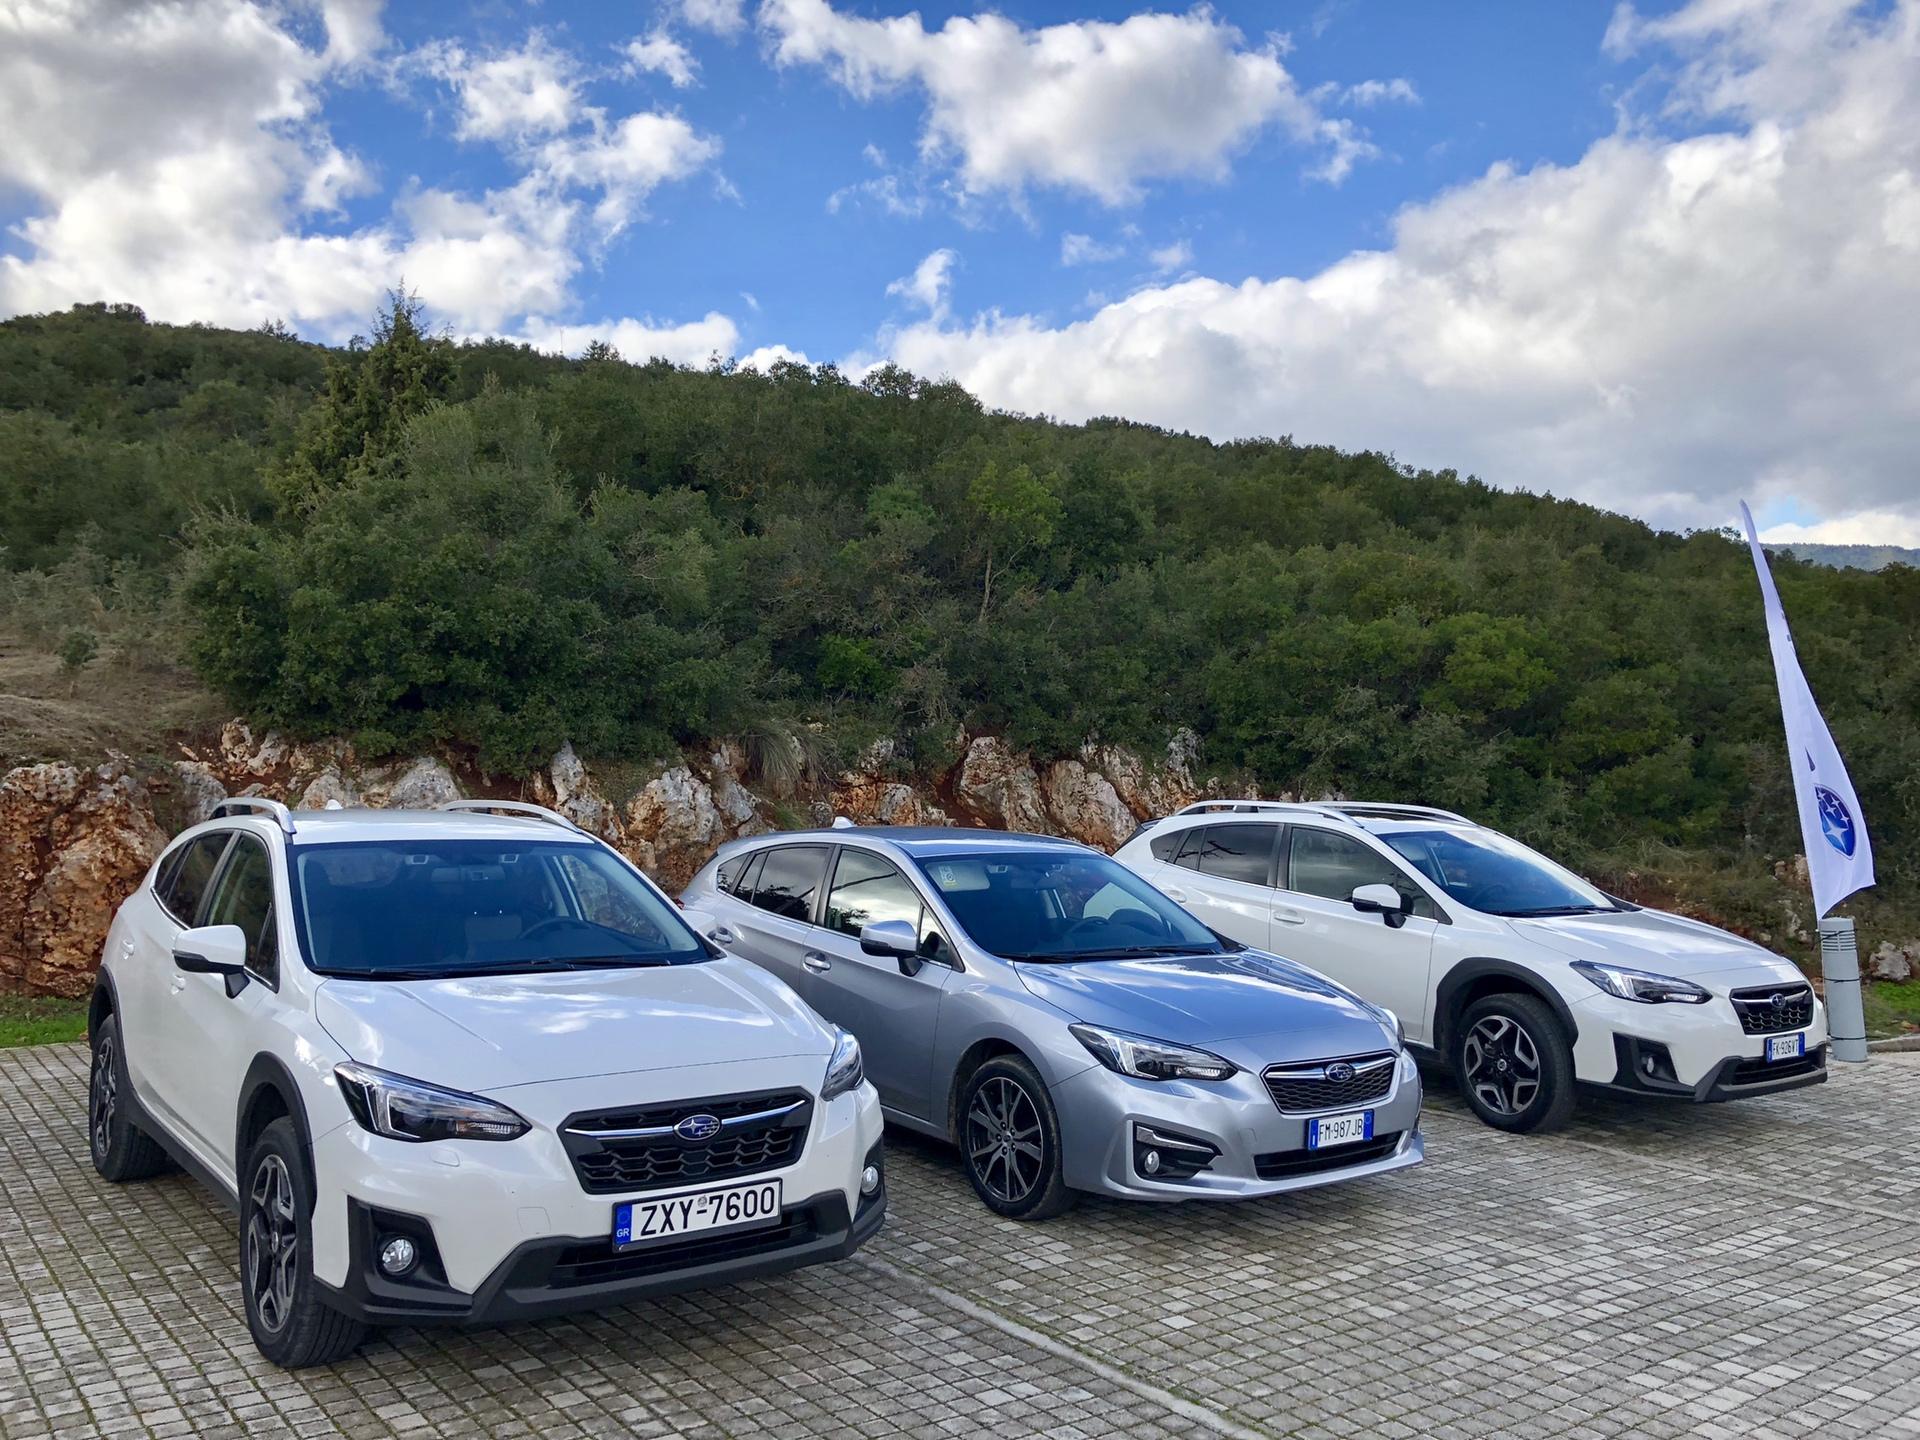 Subaru_Open_days_0001